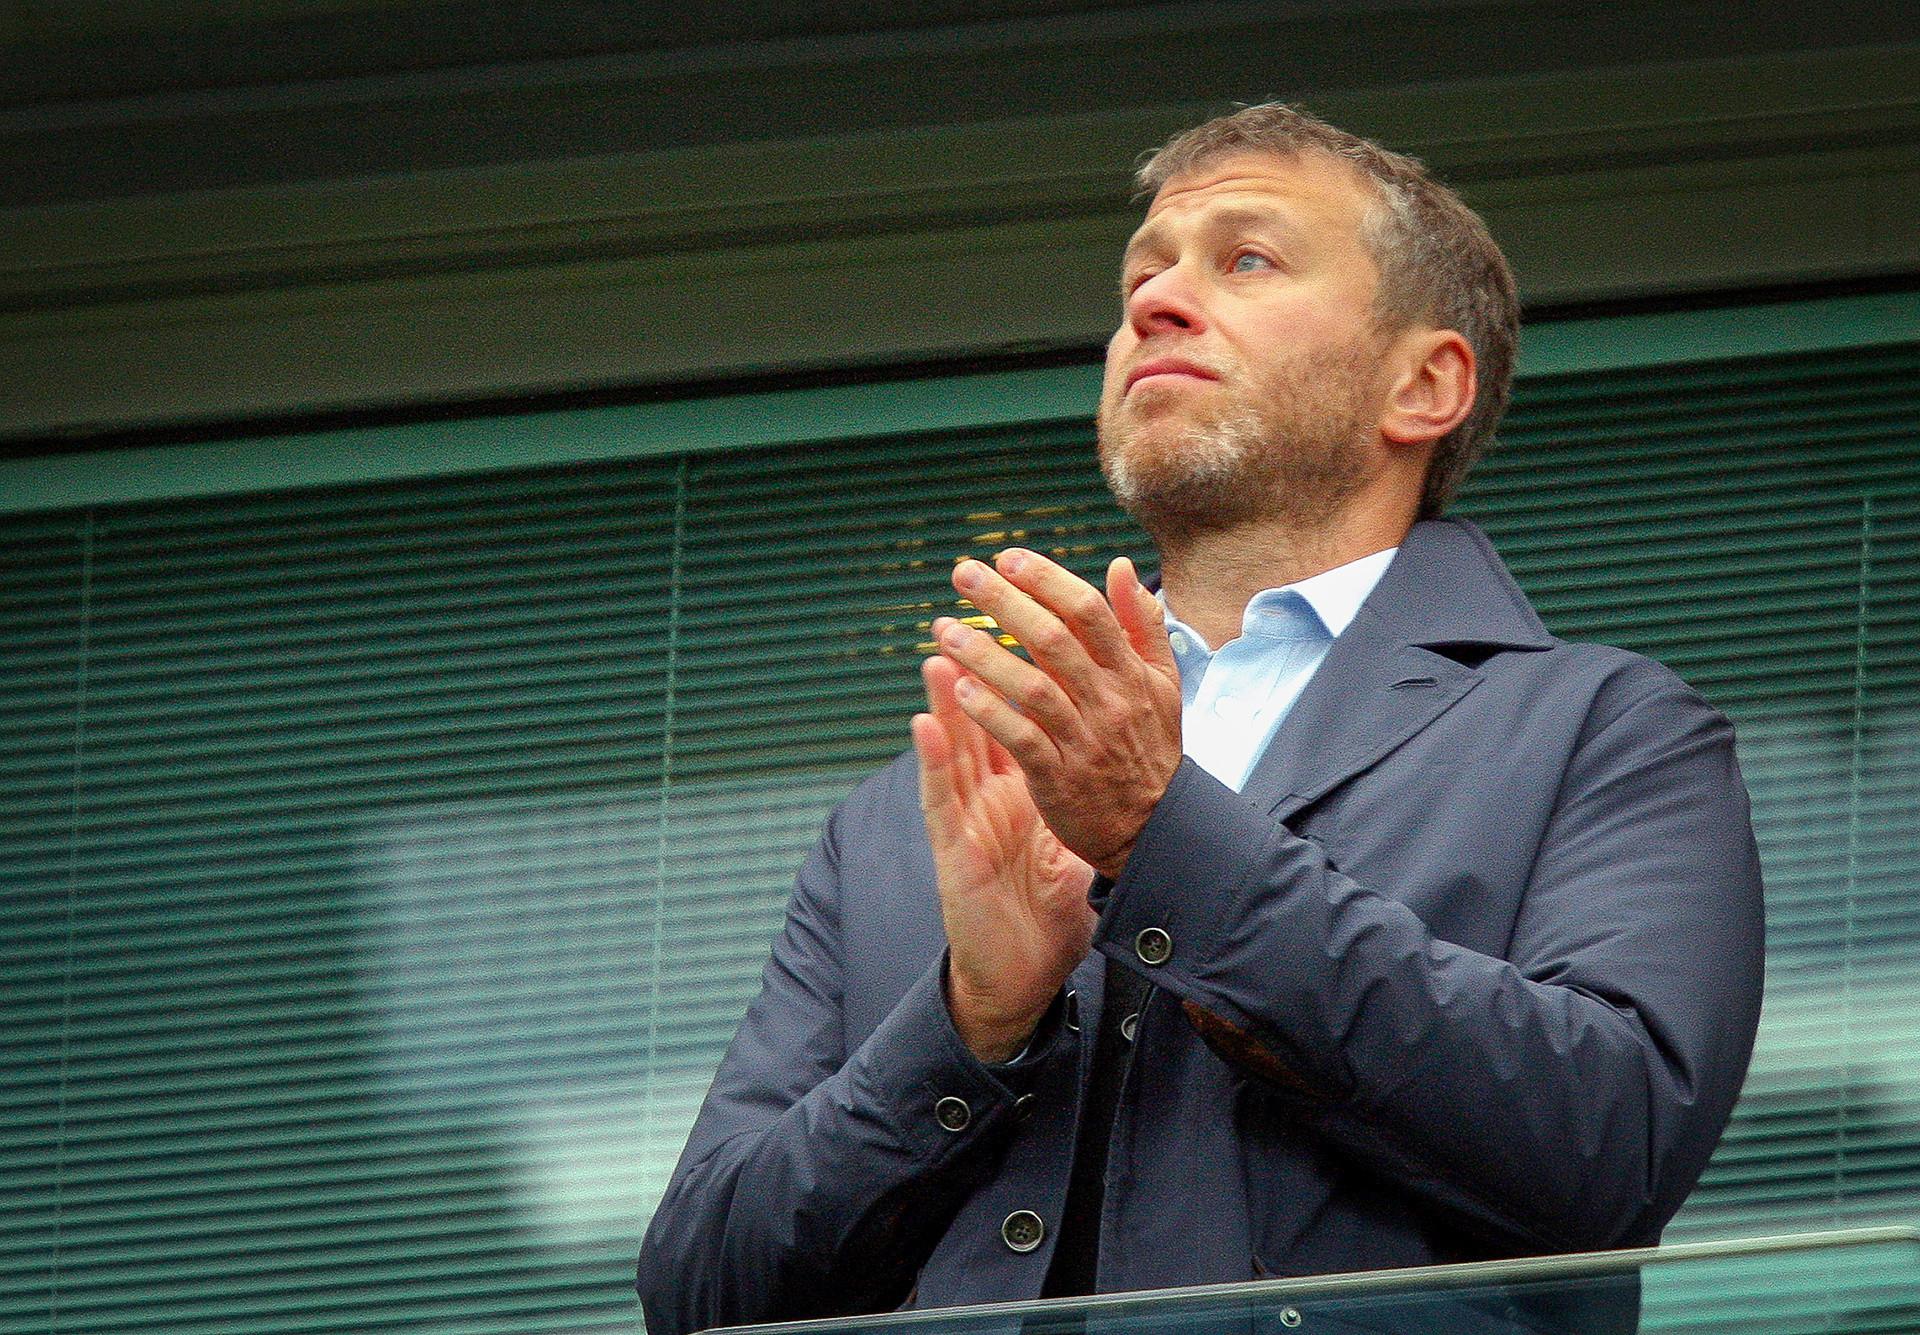 Roman Abramovich. Sang pemilik 'Chelsea' juga dinilai berkontribusi dalam membangkitkan sepak bola Rusia.